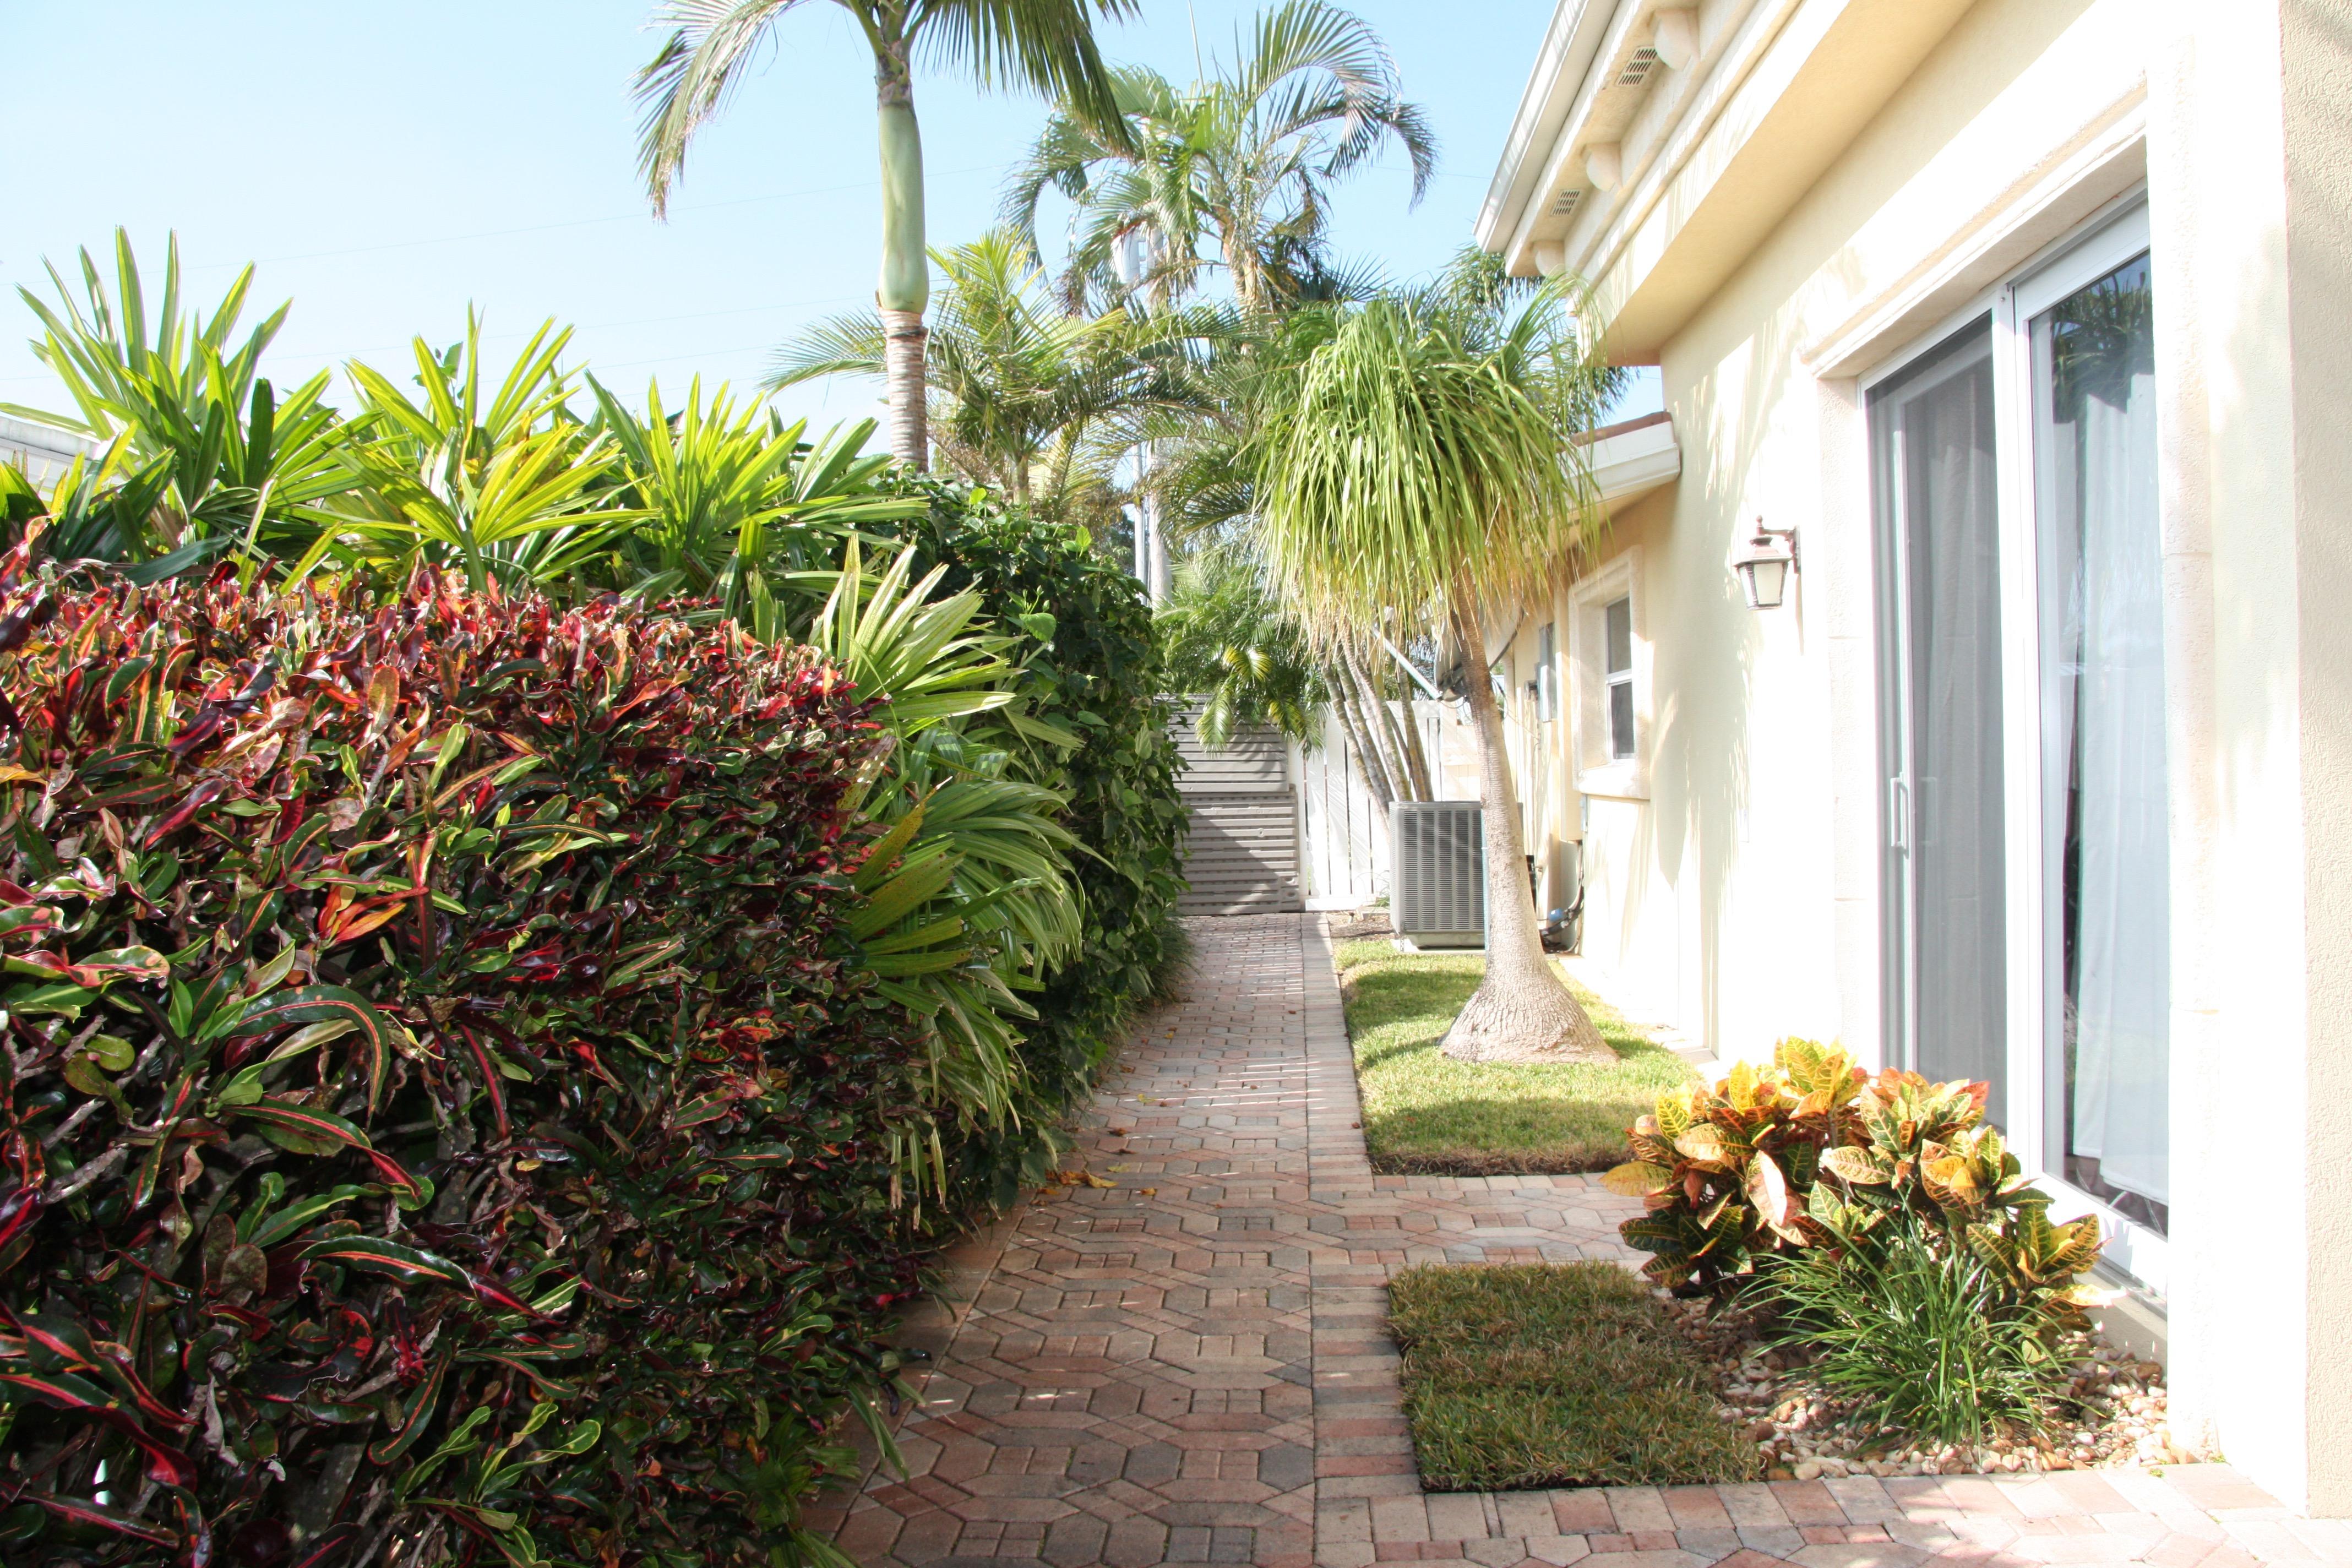 590 Se 10th Ave, Pompano Beach, FL 33060 | RealEstate.com